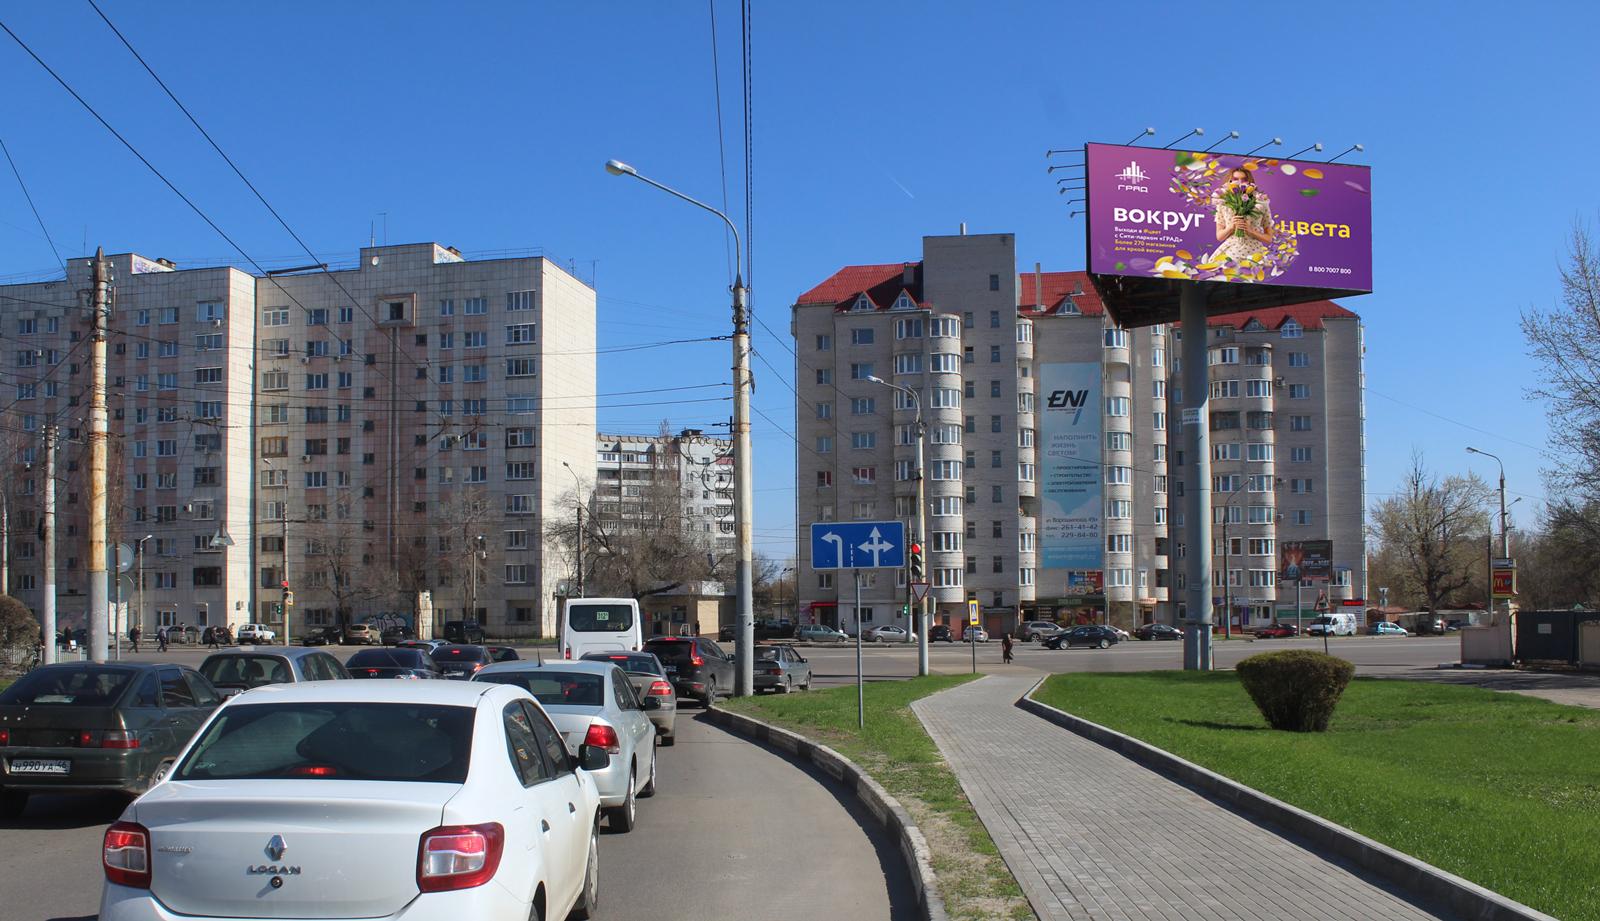 10 Ворошилова - Домостроителей Ст С